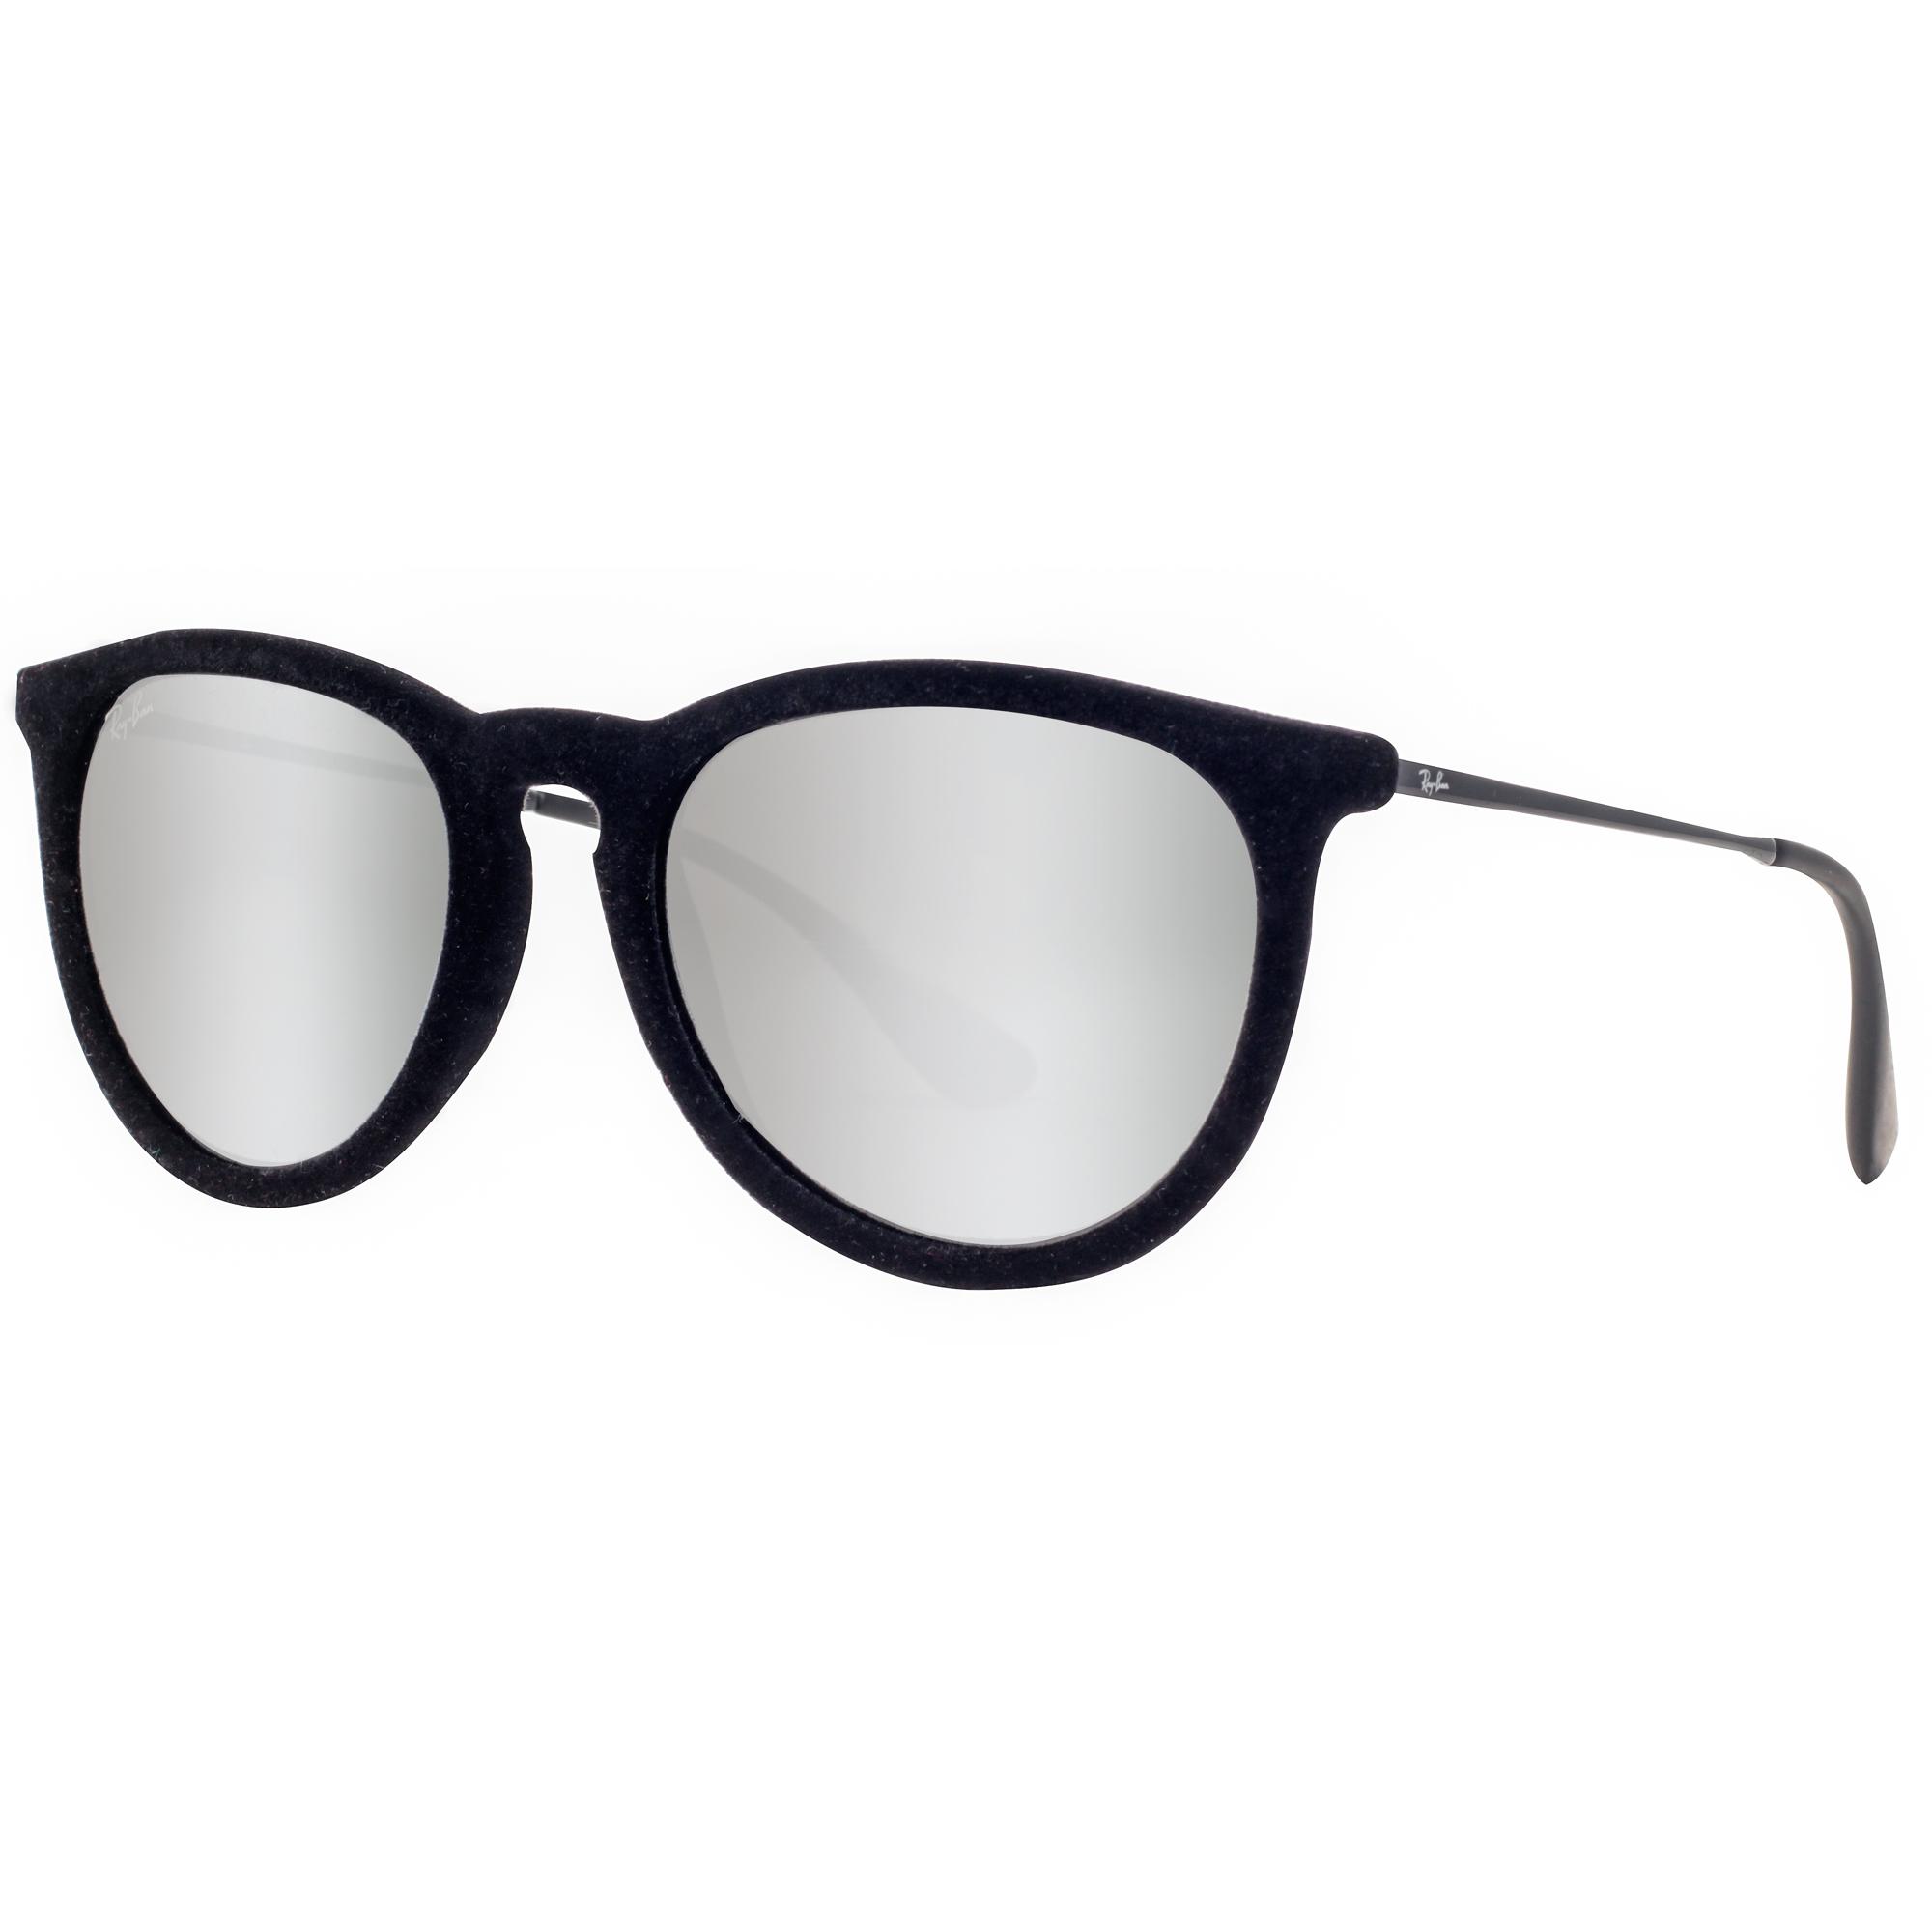 6075/6G Velvet Black/Silver Mirror